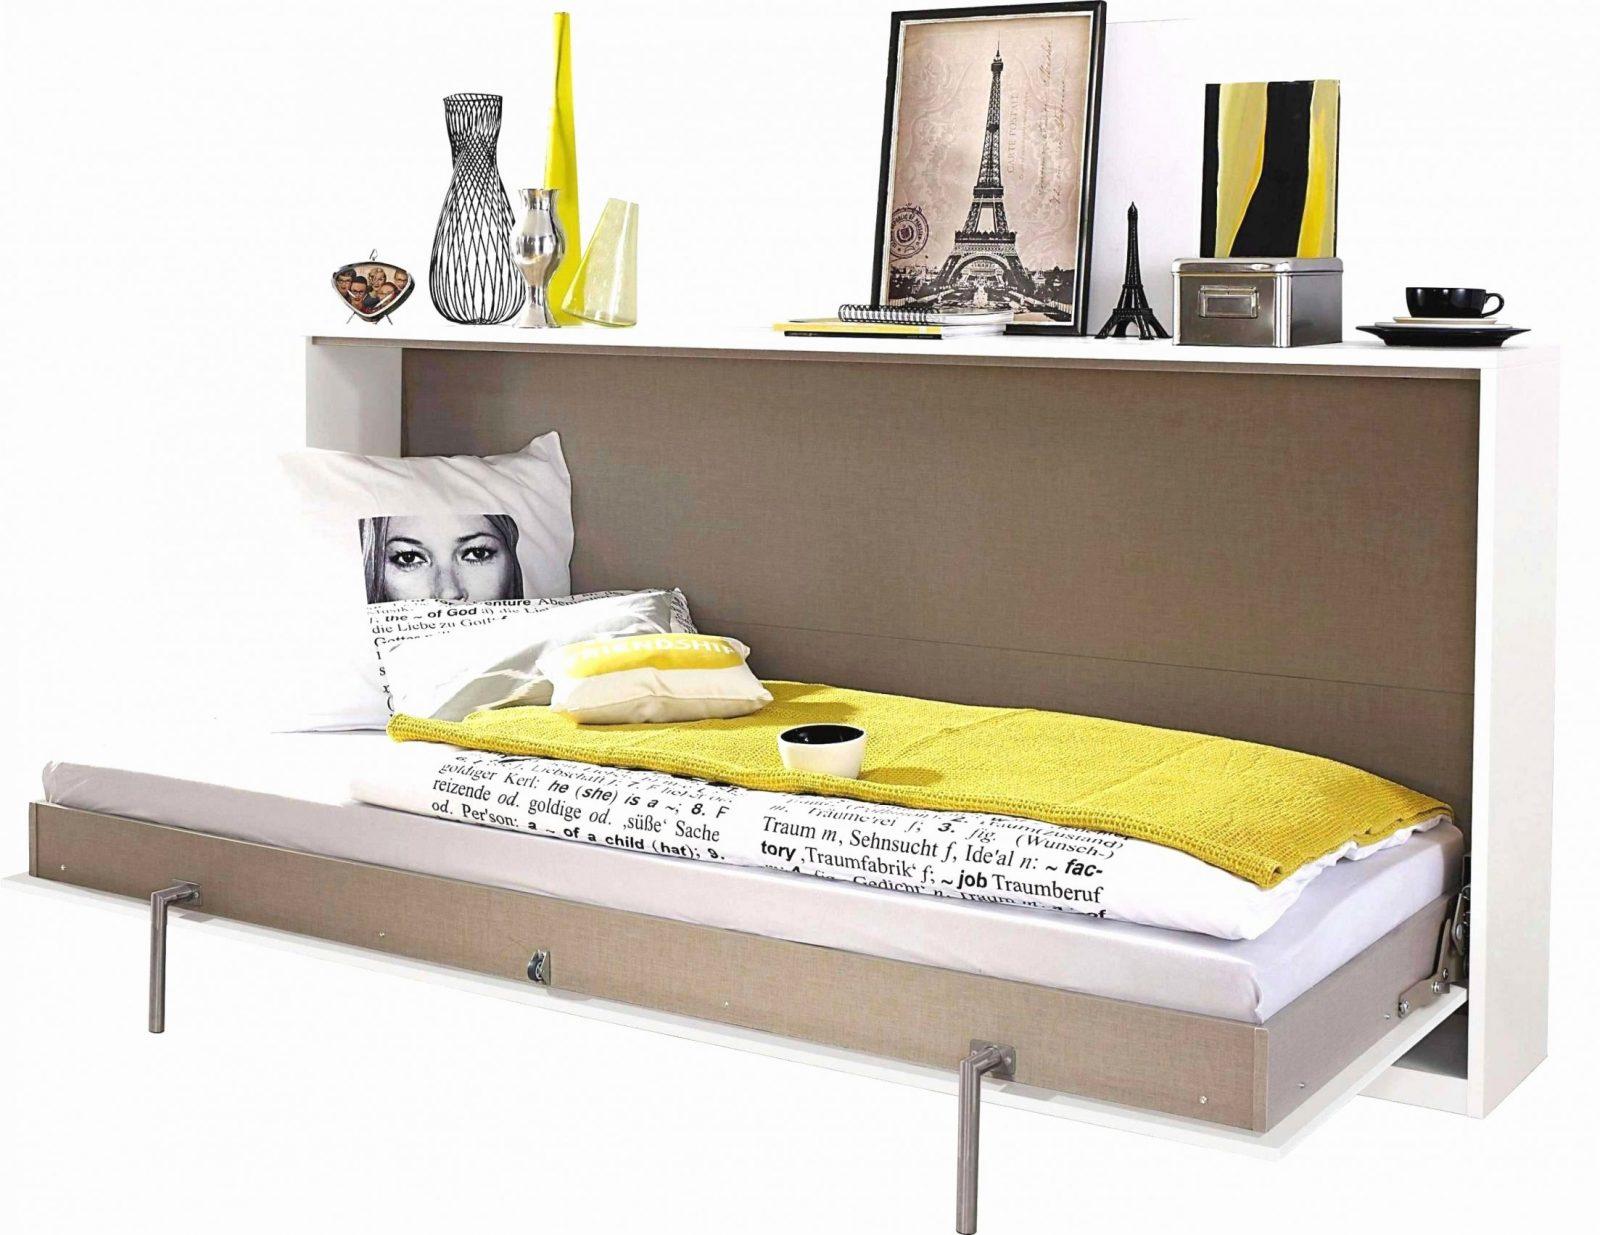 Möbel Online Kaufen Auf Raten Trotz Schufa — Haus Möbel von Boxspringbett Auf Raten Trotz Schufa Photo